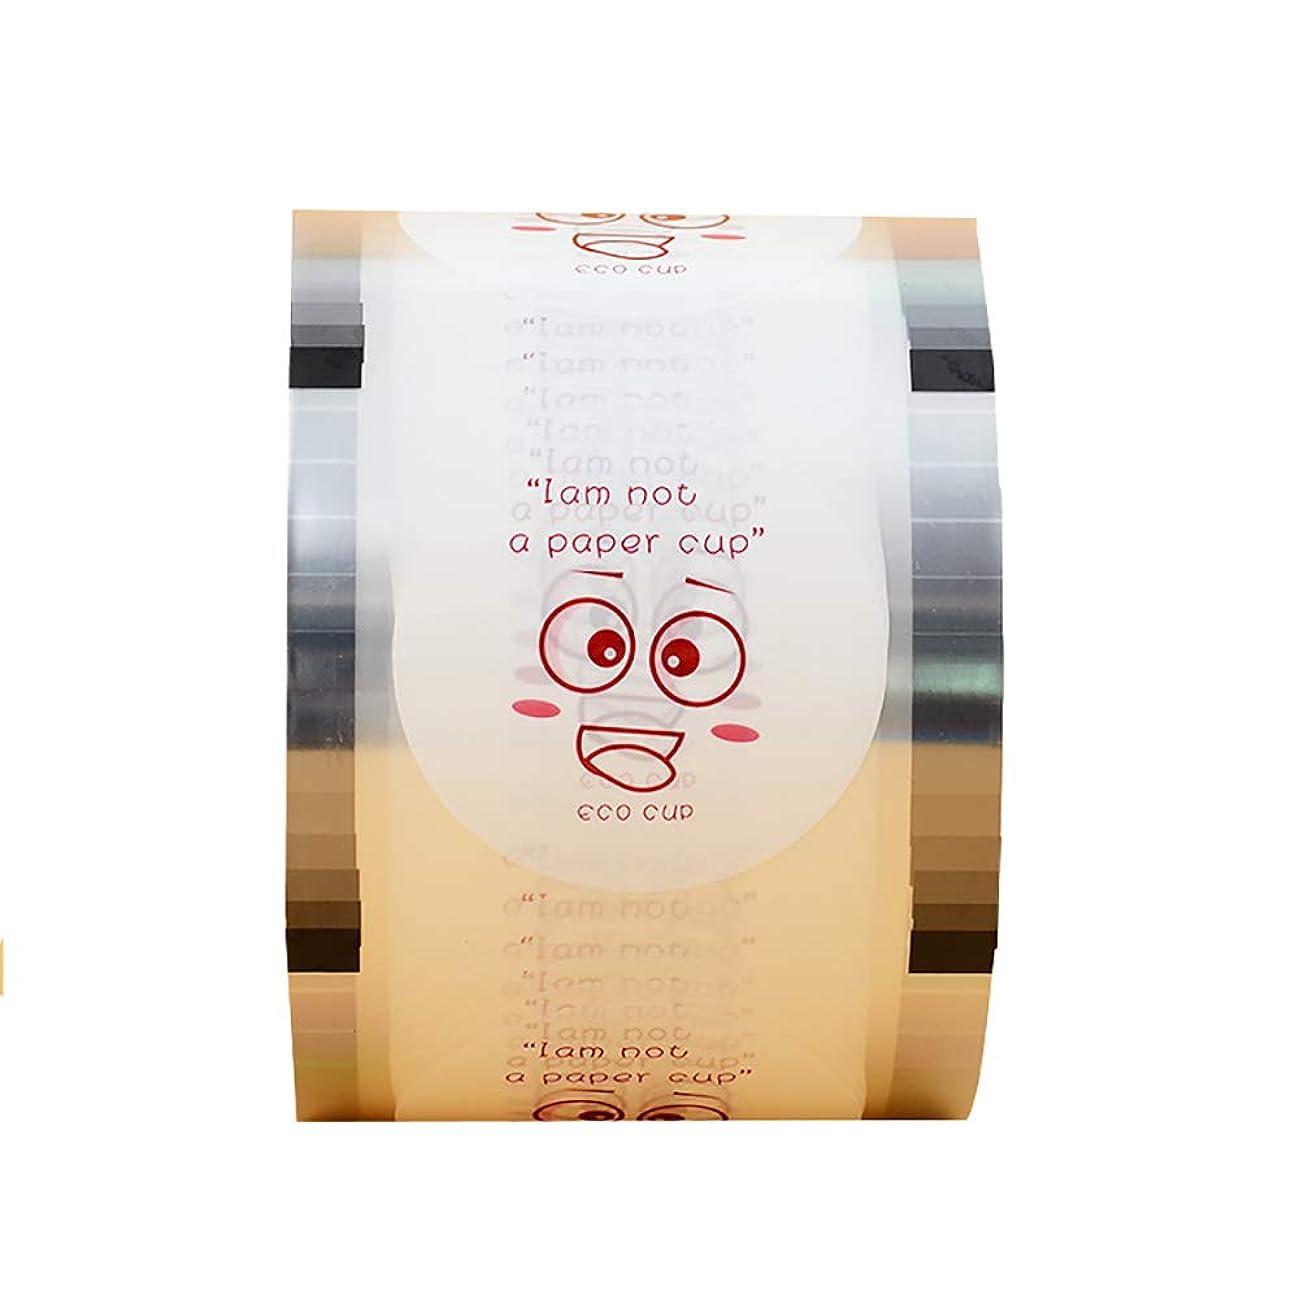 経験者切り下げ減らすMXBAOHENGカップシーラー フィルム 約3000枚 カップシーラーマシン用のフィルム ミルクティー カップ フィルム 1ロールに4パターン プラスチックカップ適用 (2000枚)